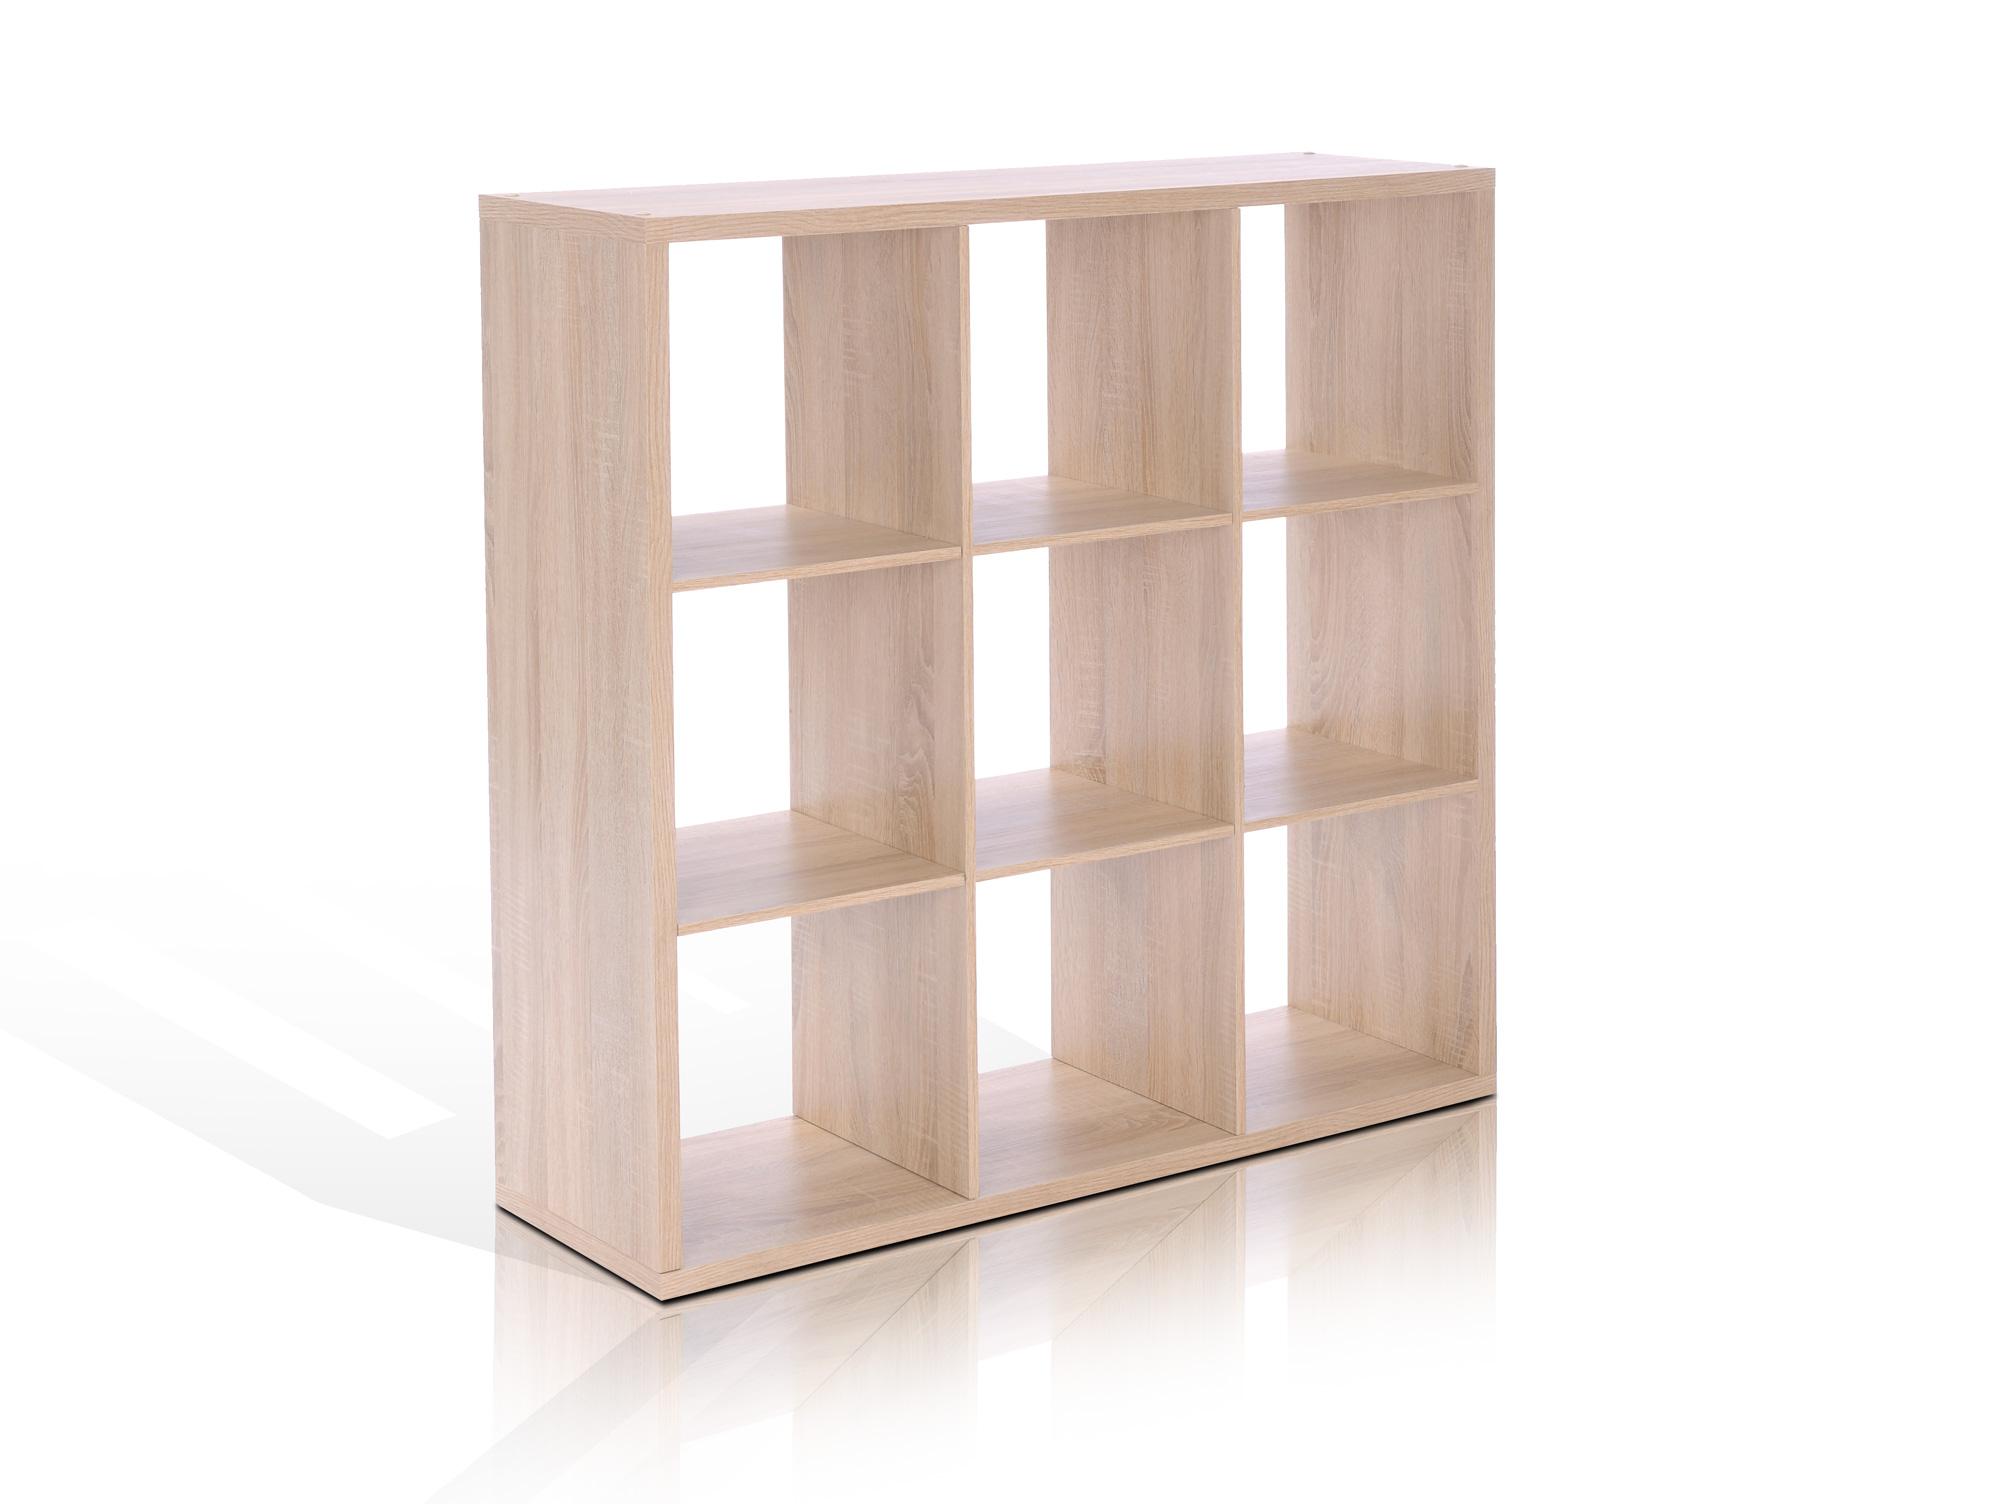 maxi regal 9 f cher eiche sonoma. Black Bedroom Furniture Sets. Home Design Ideas